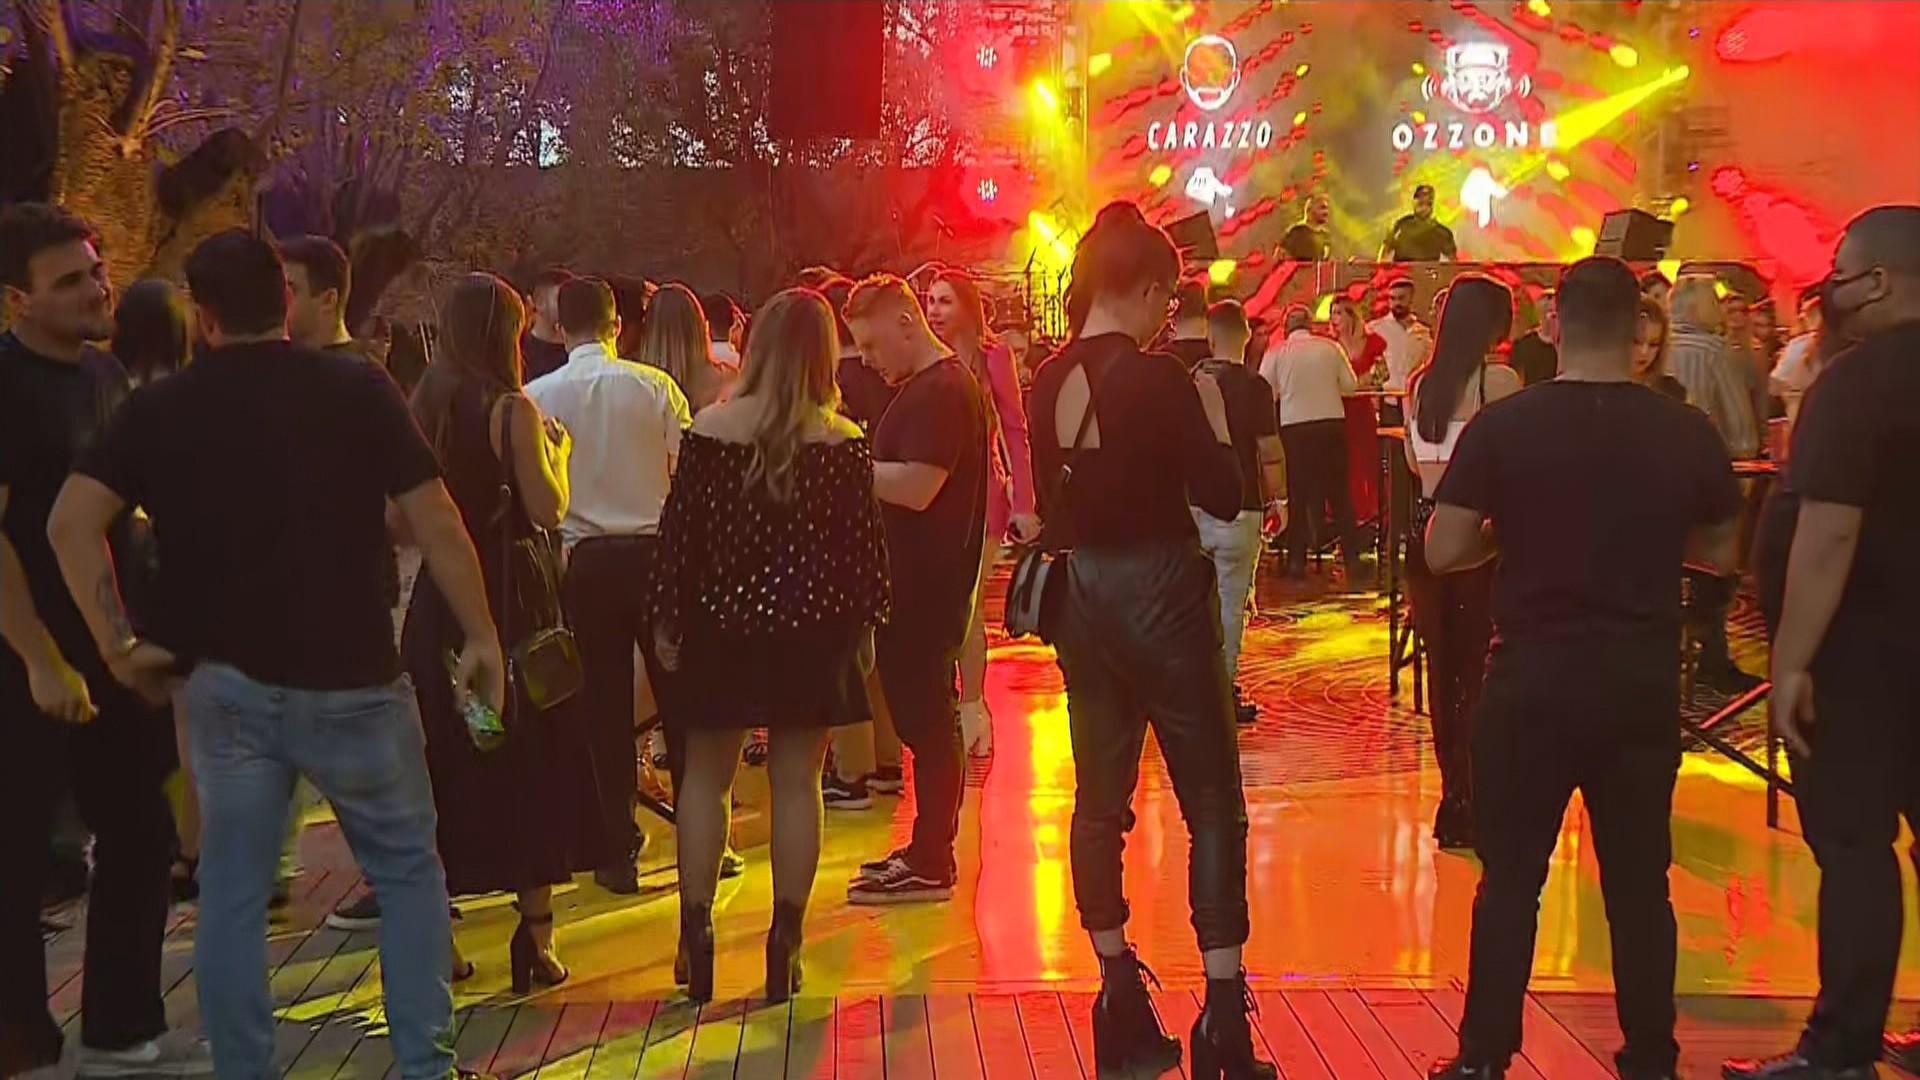 Evento-teste de protocolos contra Covid é realizado em Porto Alegre com 600 participantes